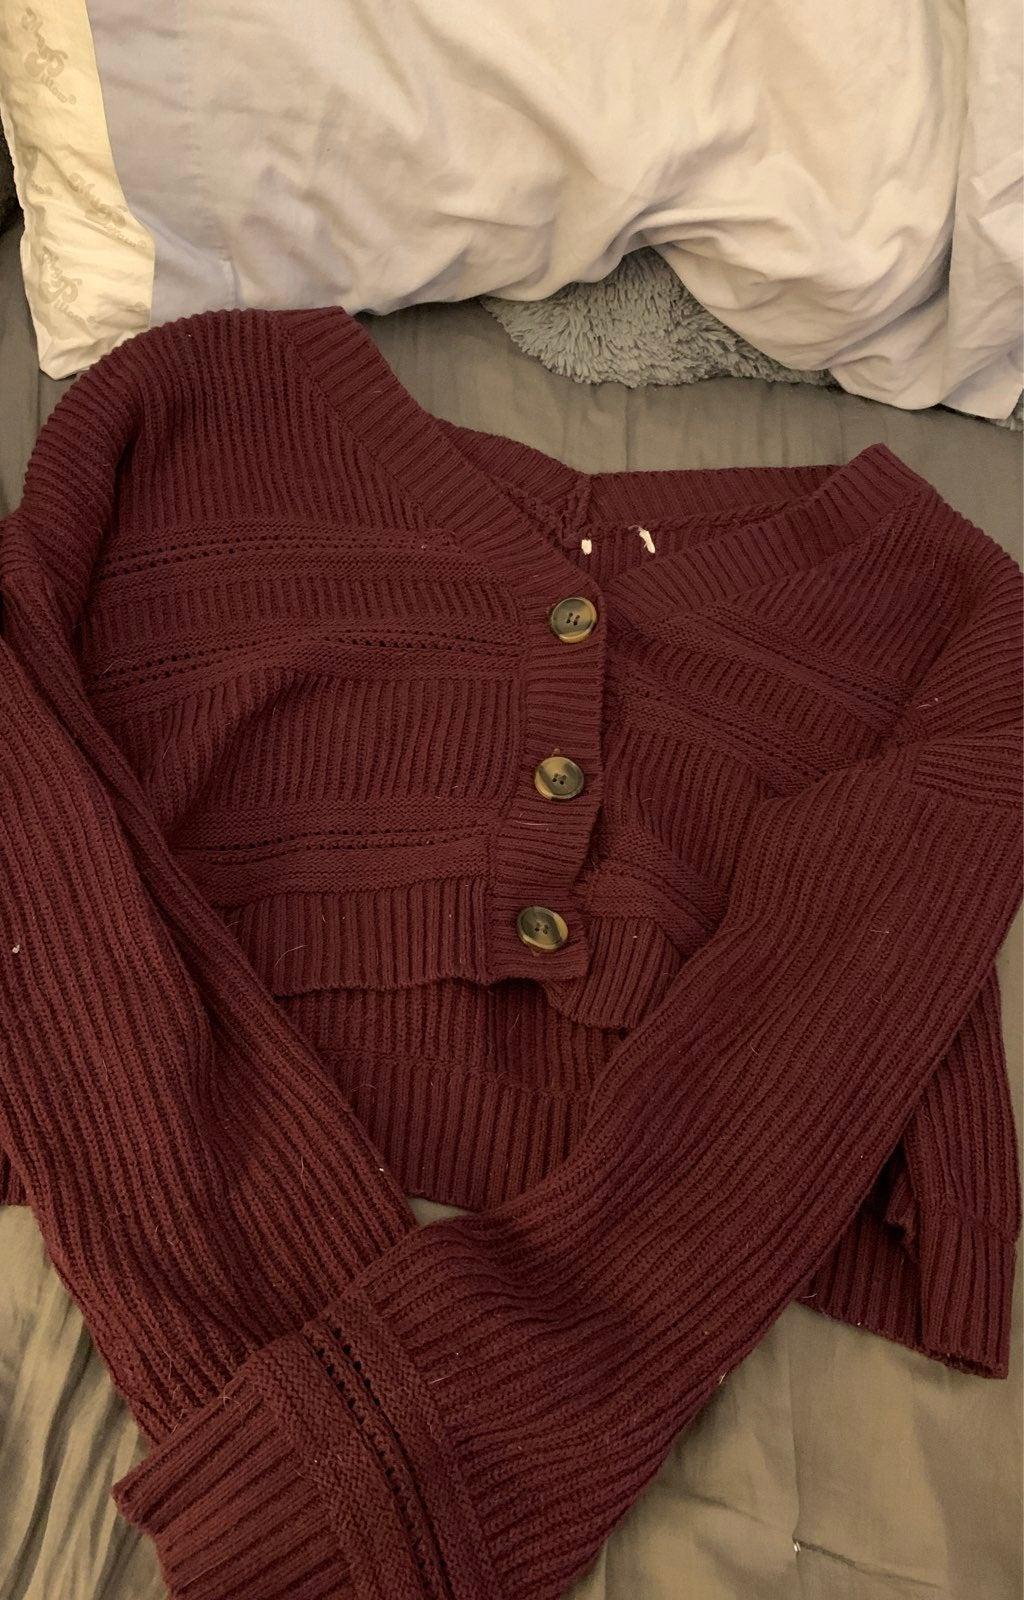 Aéropostale sweater